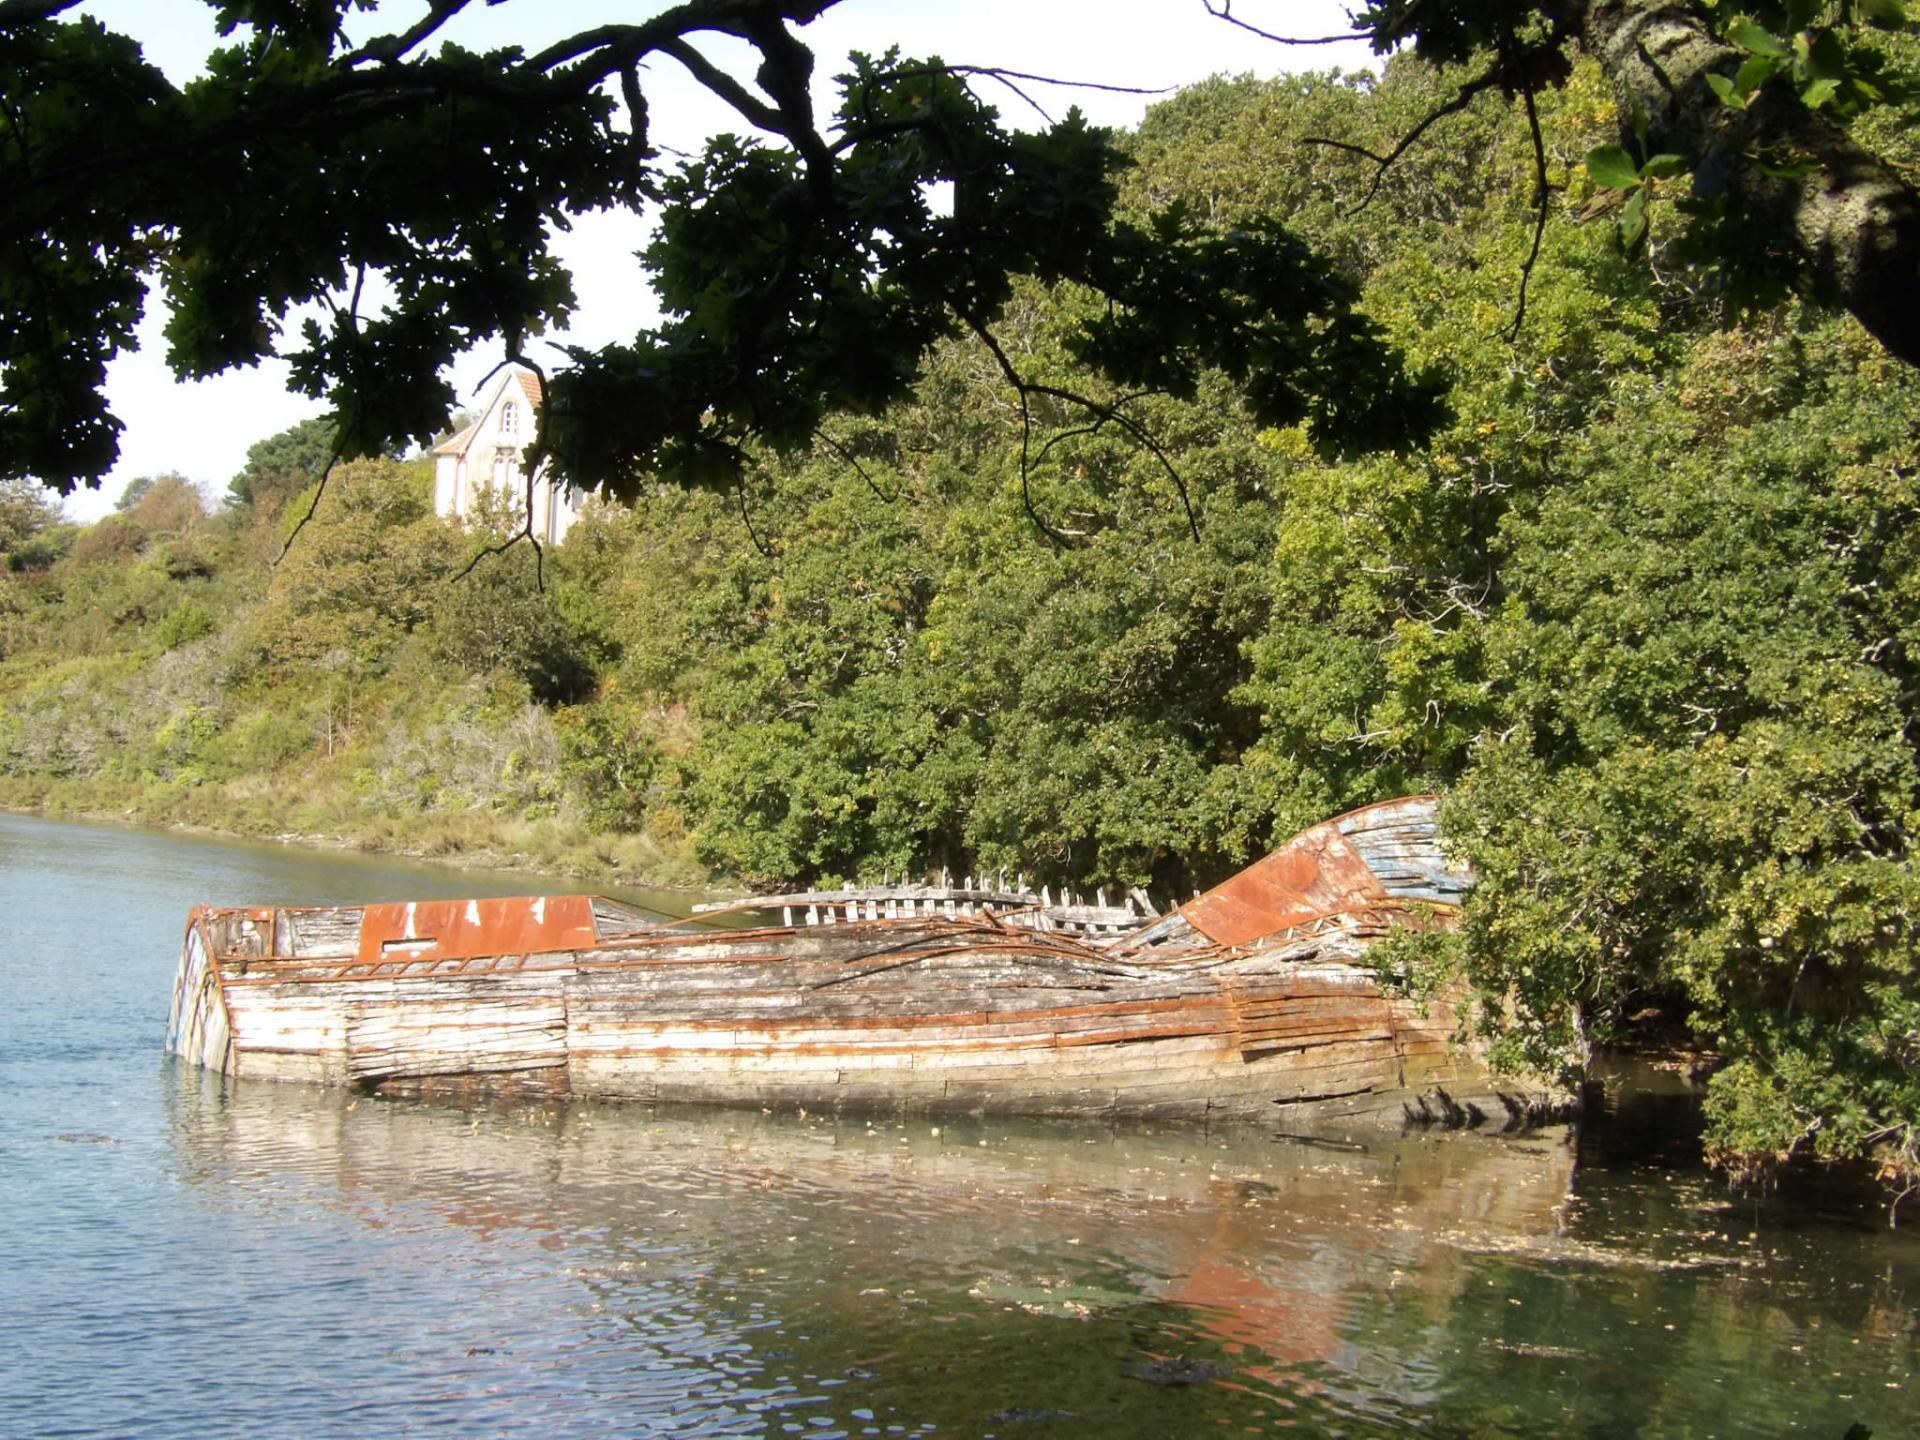 200916 cimetiere bateaux gros